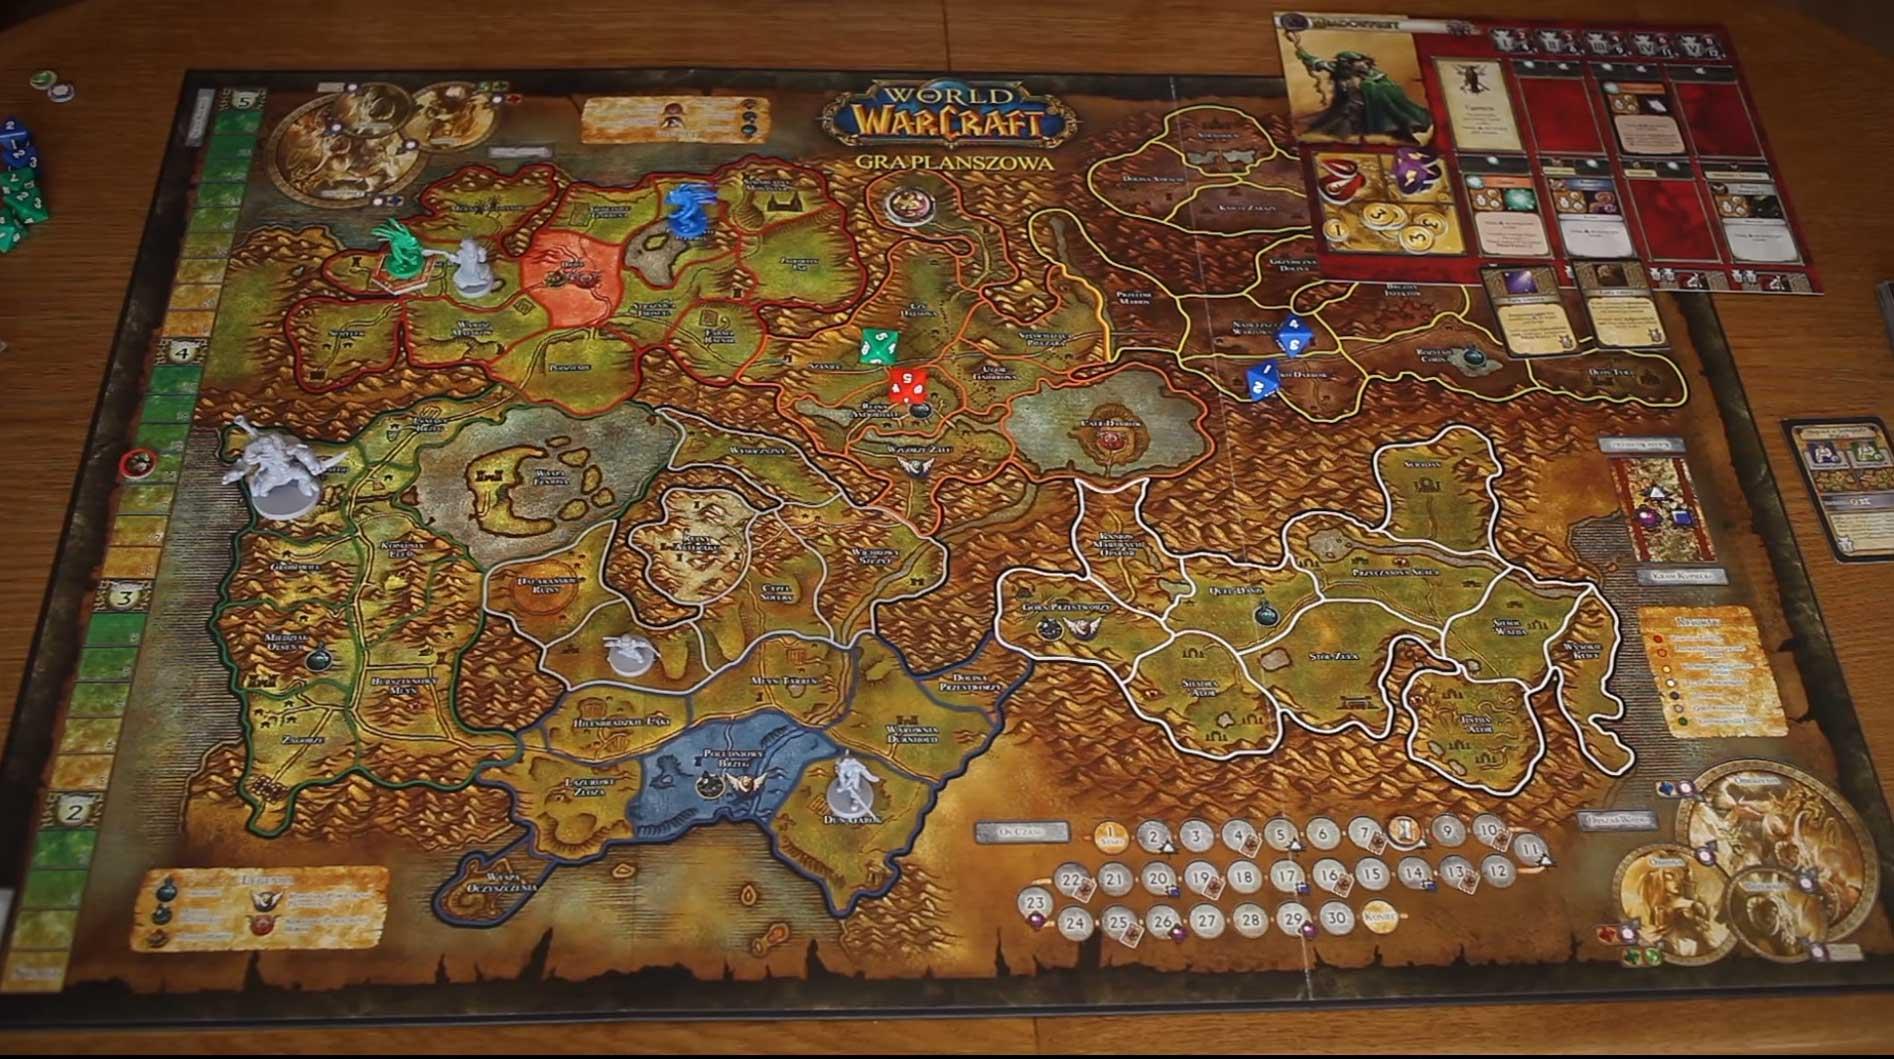 Gry planszowe napodstawie gier komputerowych World of Warcraft